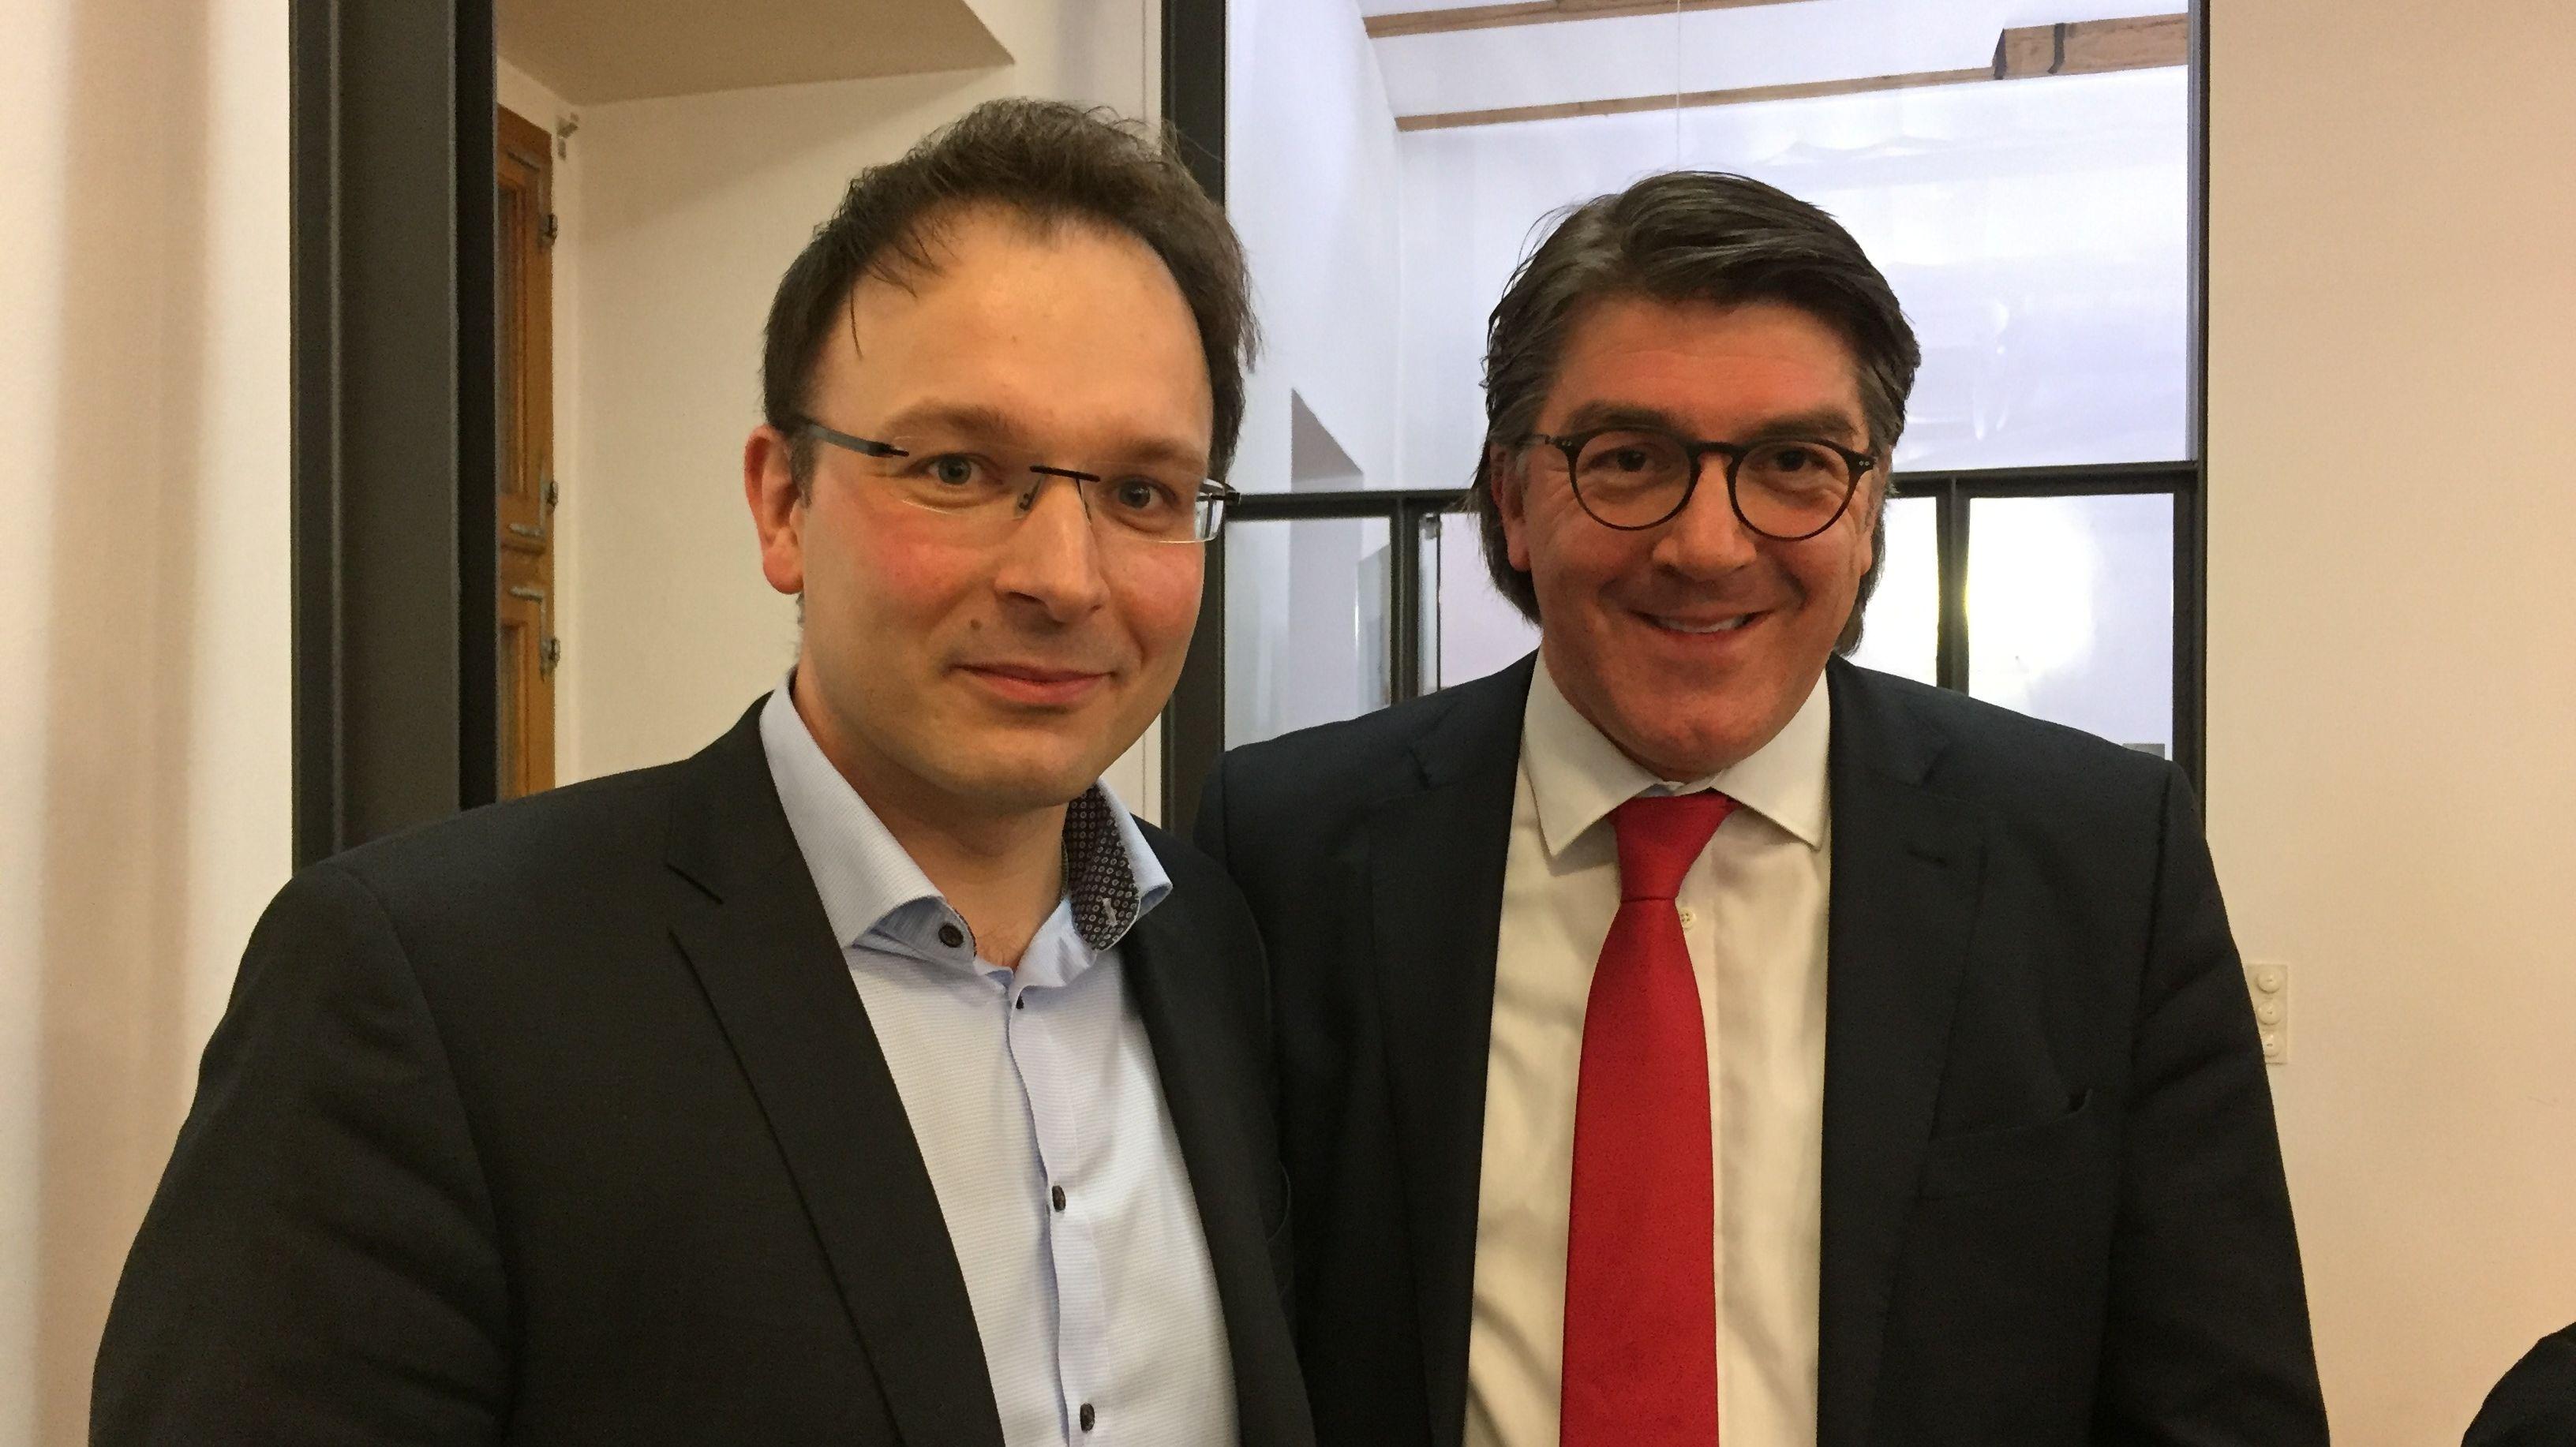 Stichwahl-Kandidaten in Cham: Martin Stoiber (CSU - links) und Christian Plötz (FW)